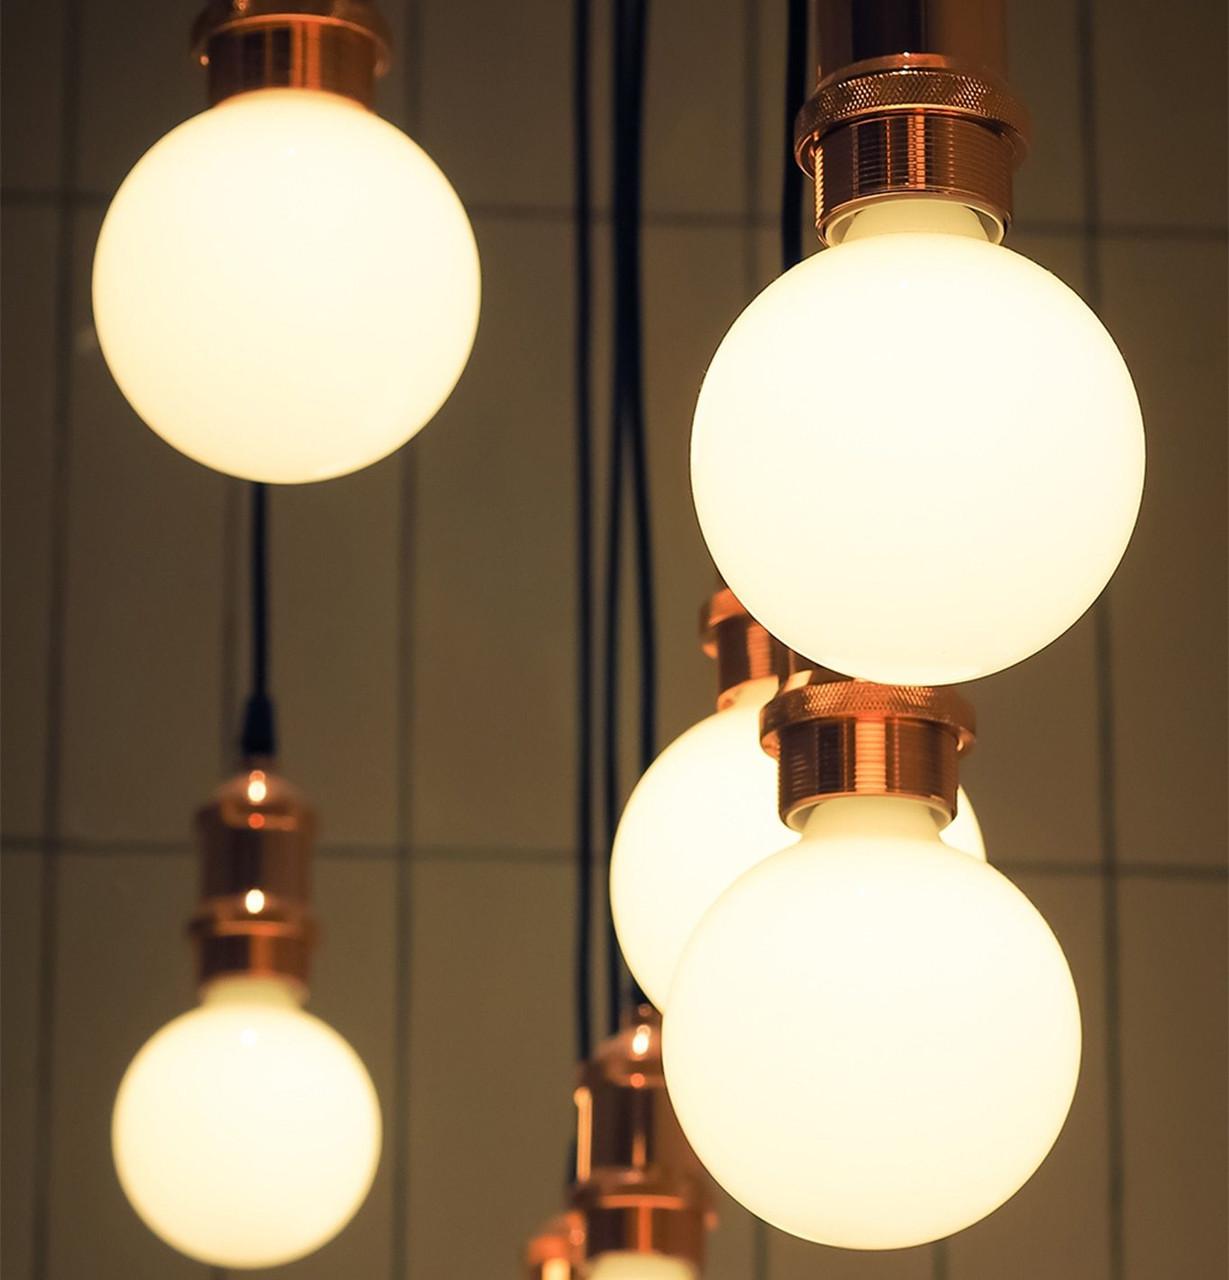 LED Dimmable G95 Opal Light Bulbs